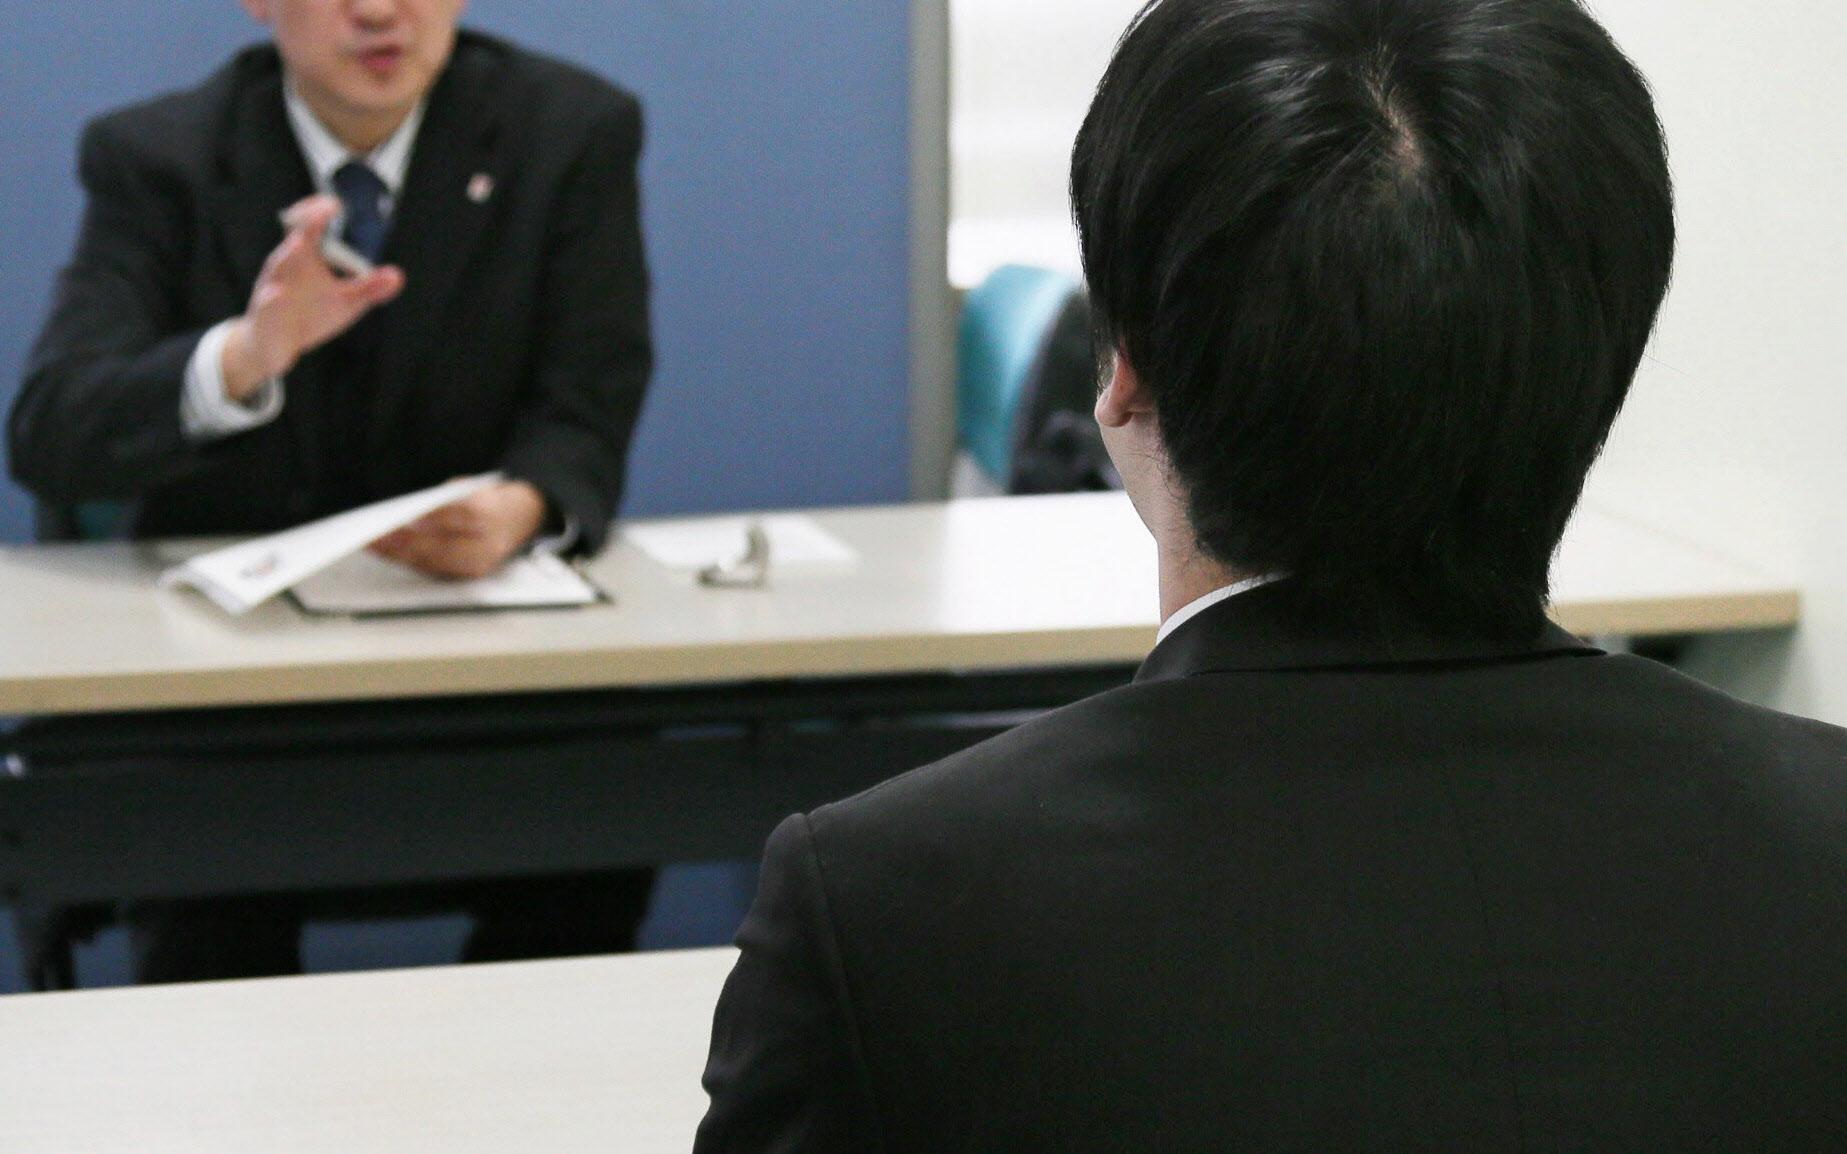 公正な人事評価の実現は多くの企業にとって共通課題だ